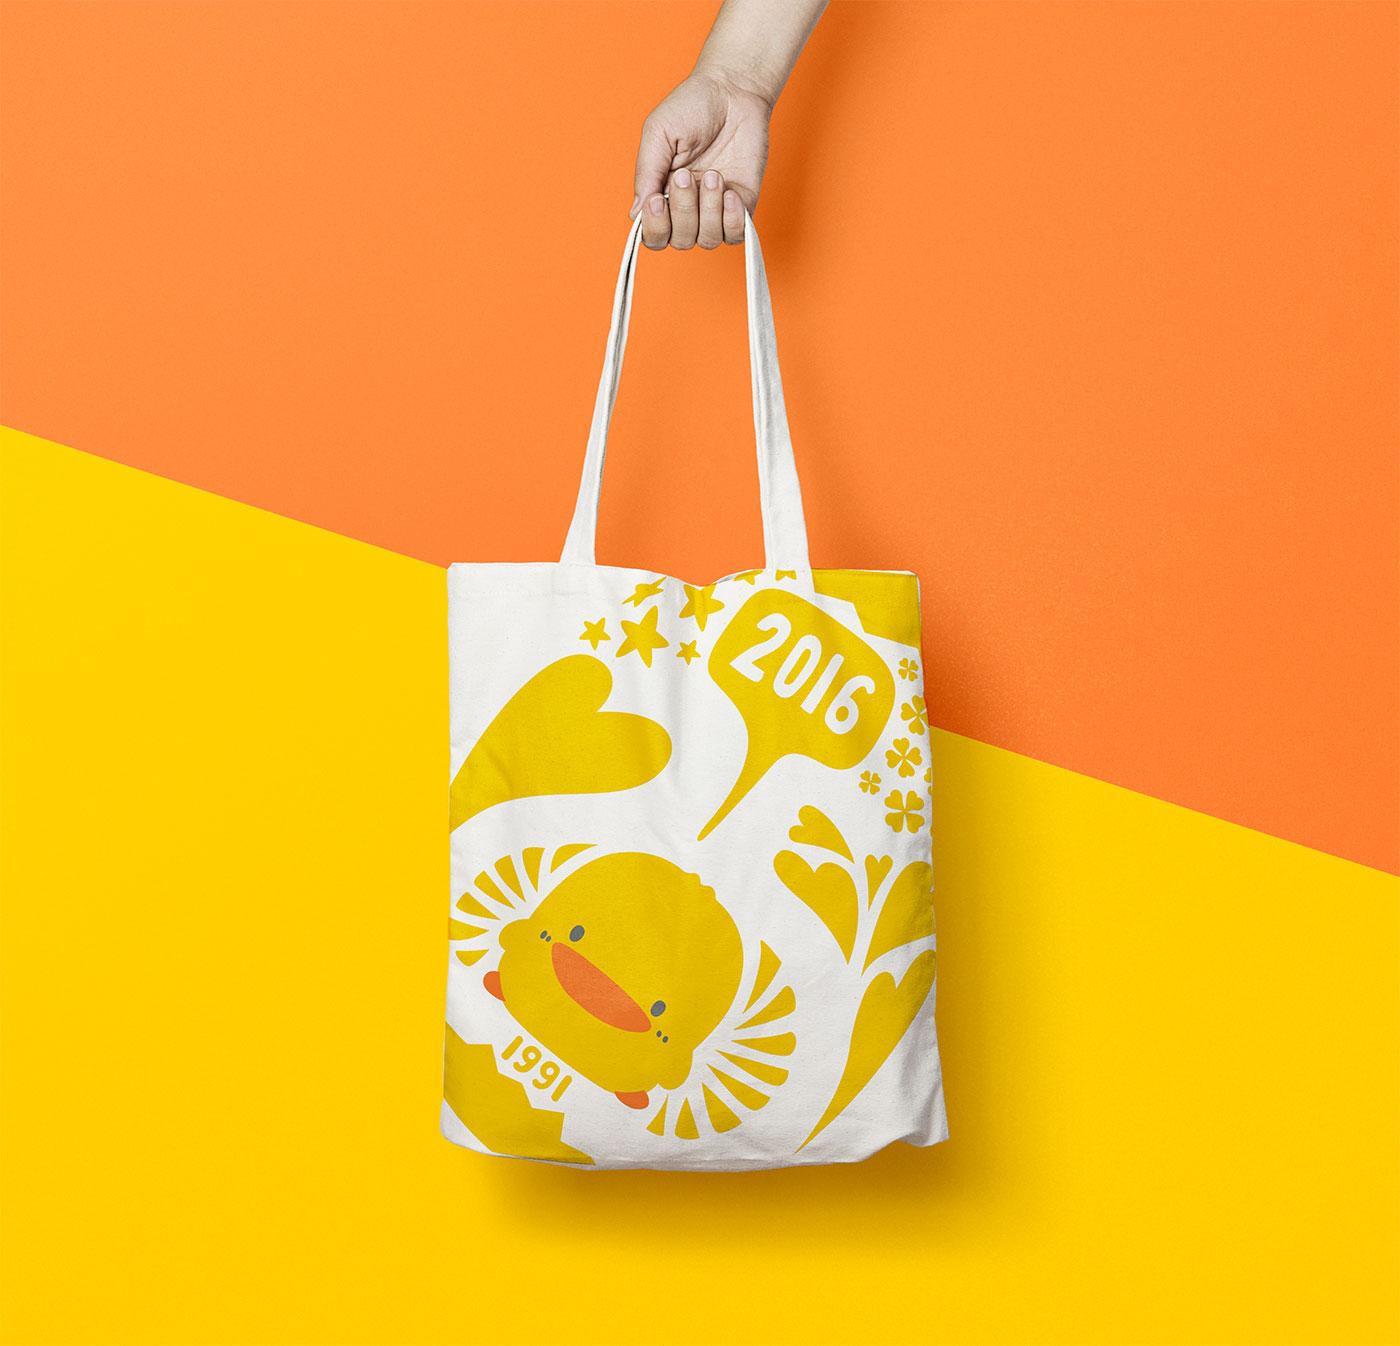 Outfit Branding & Design Piyo Piyo Logo Tote